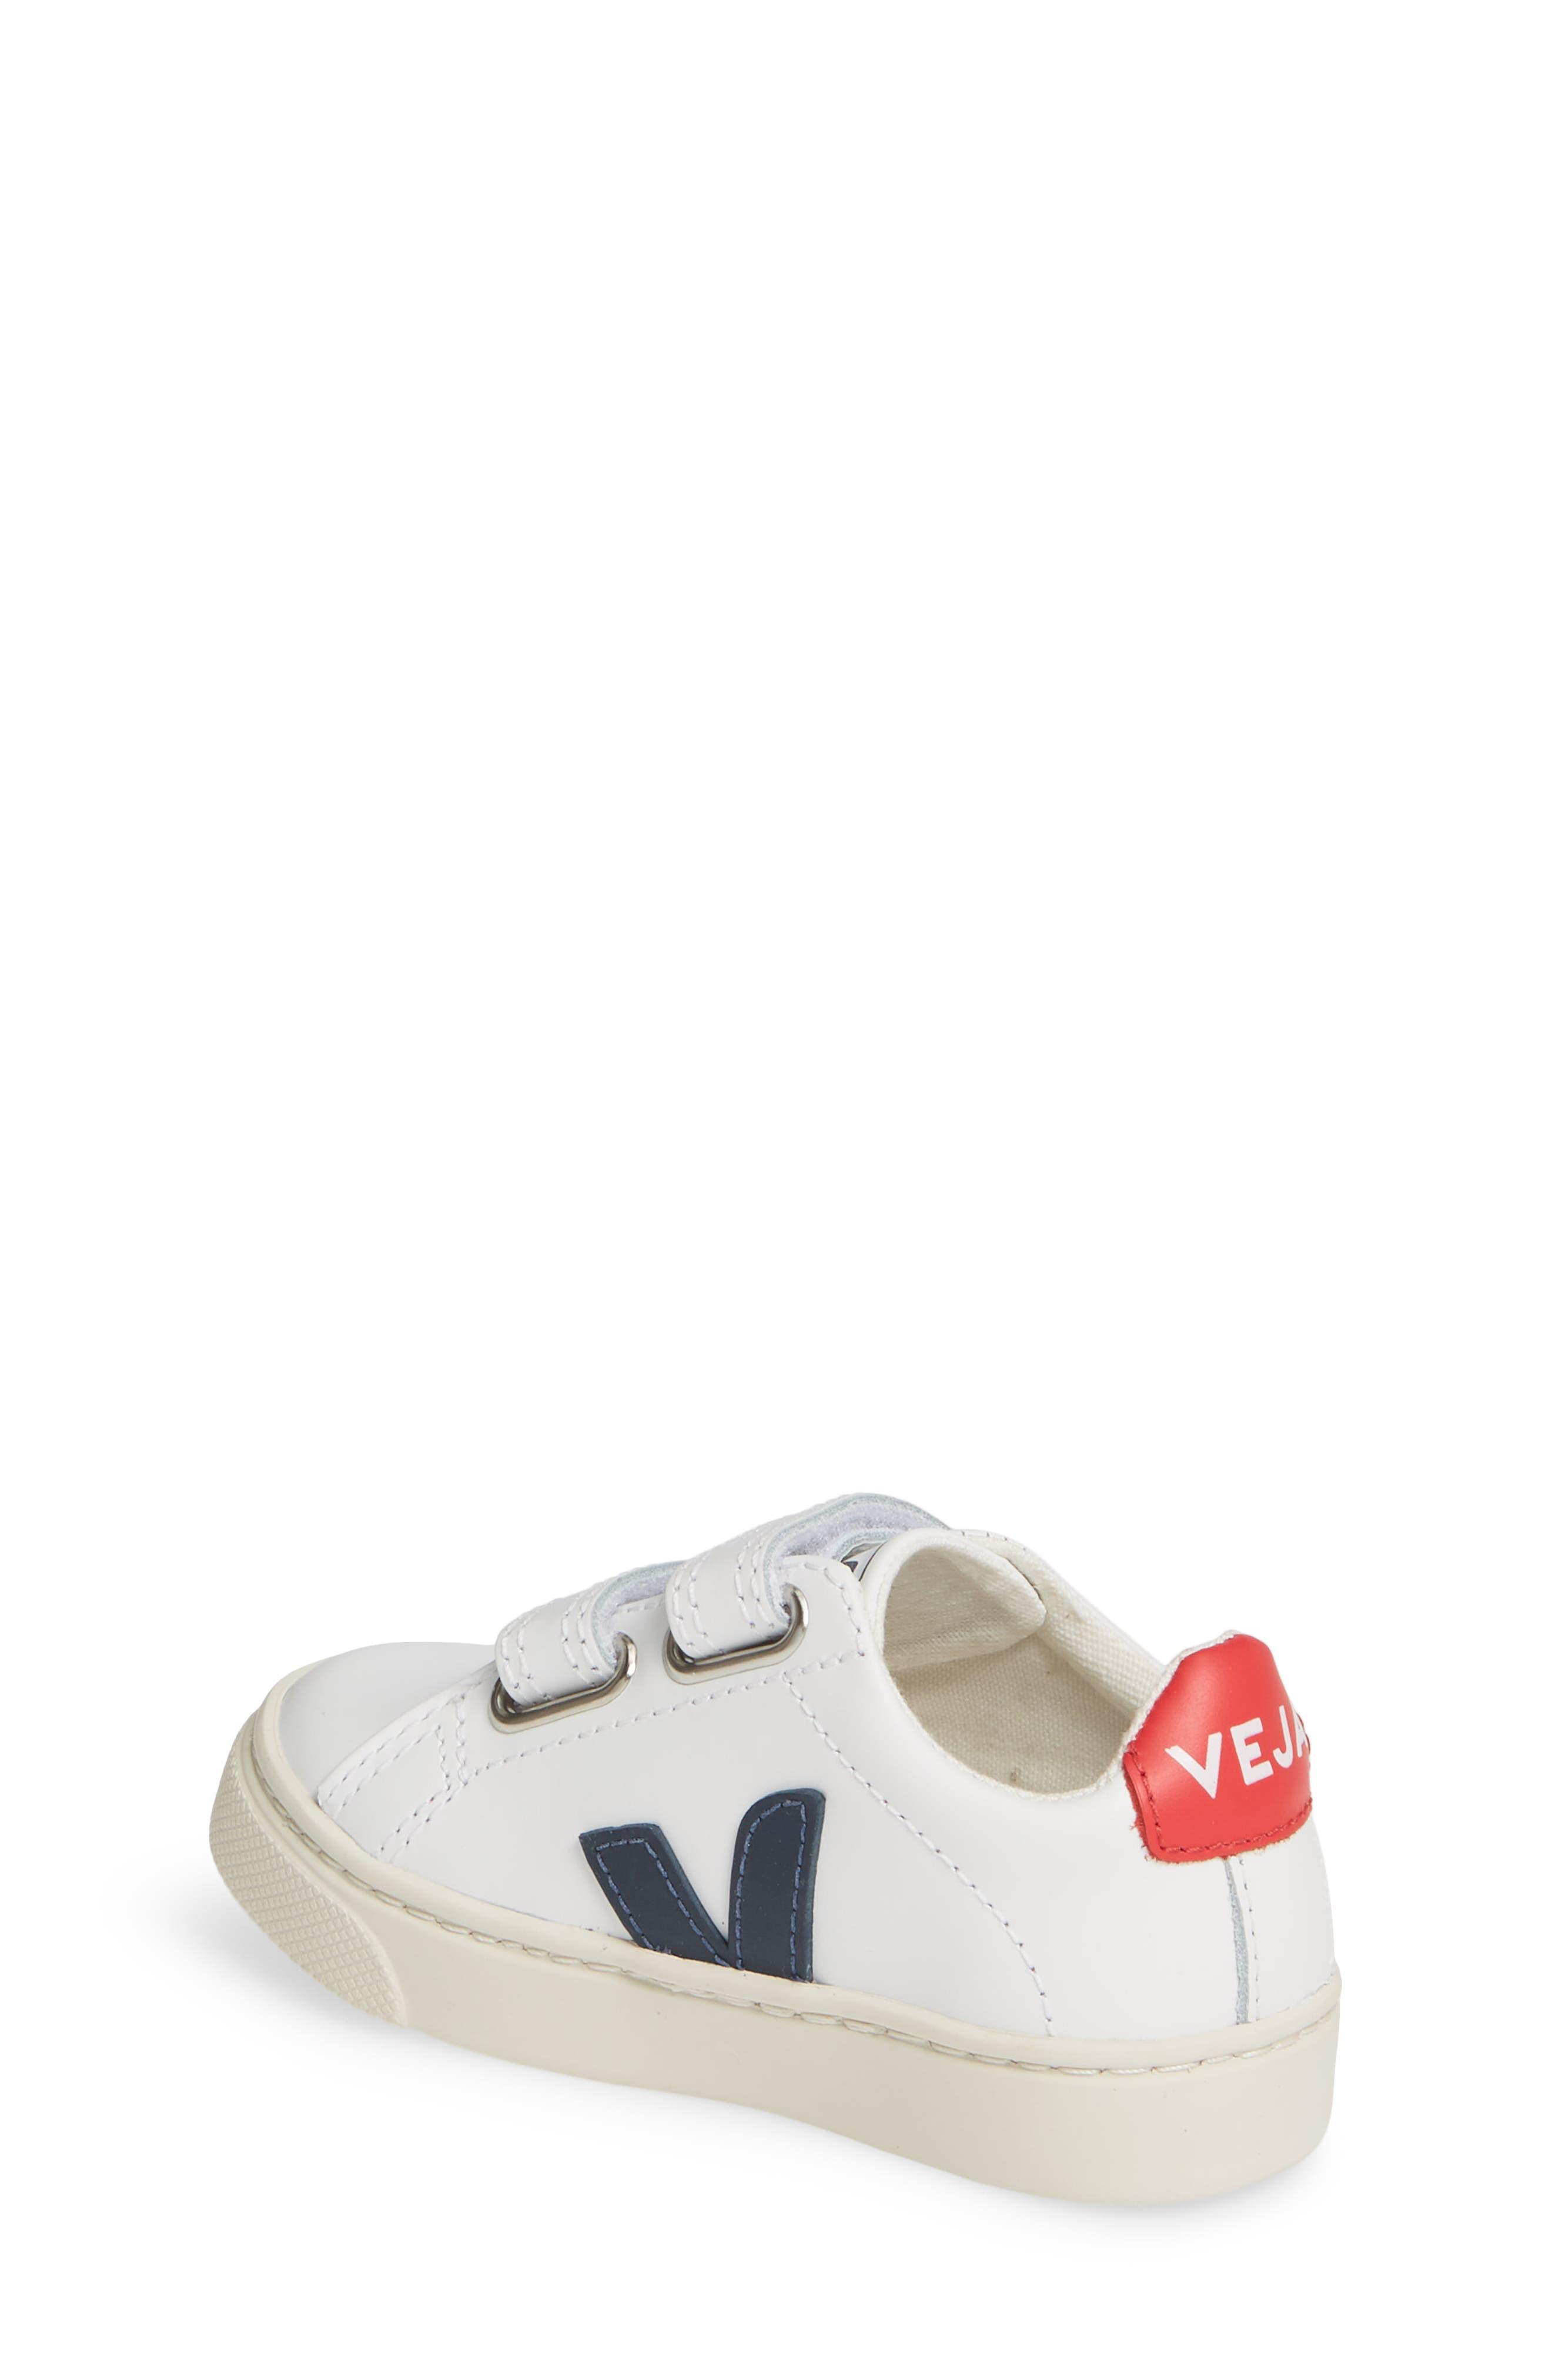 713270177bd Kids  Veja Shoes